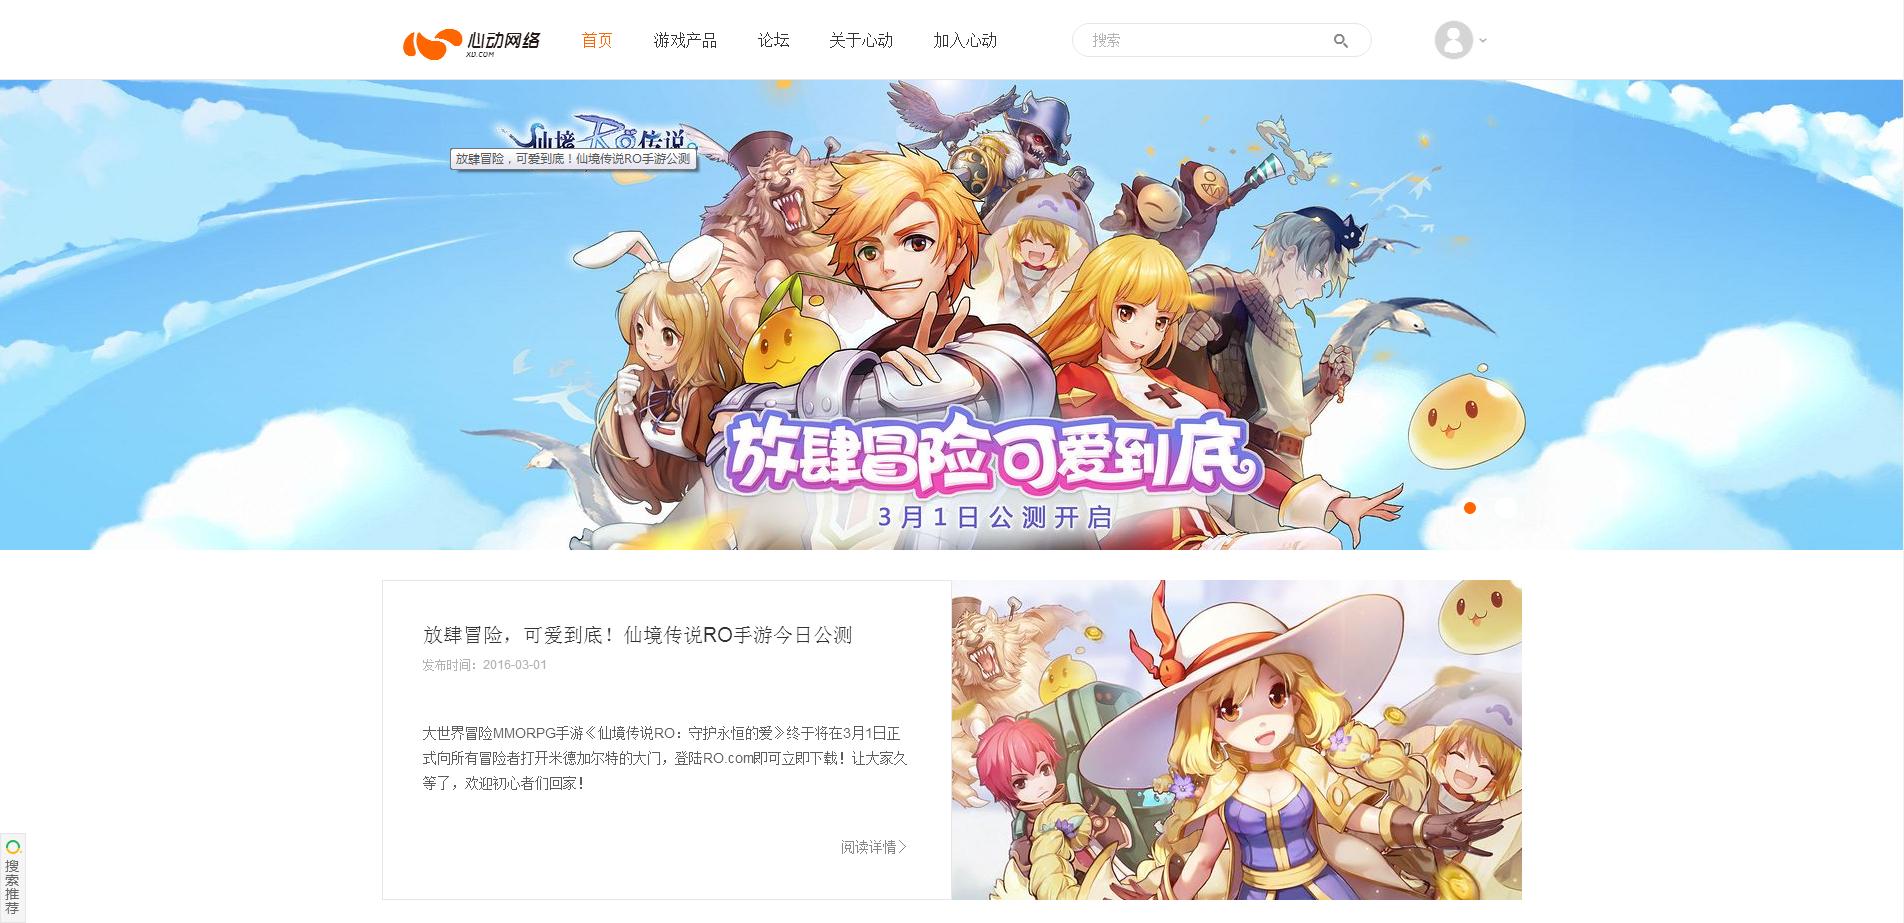 響應式網絡游戲公司企業官網網站模板整站下載